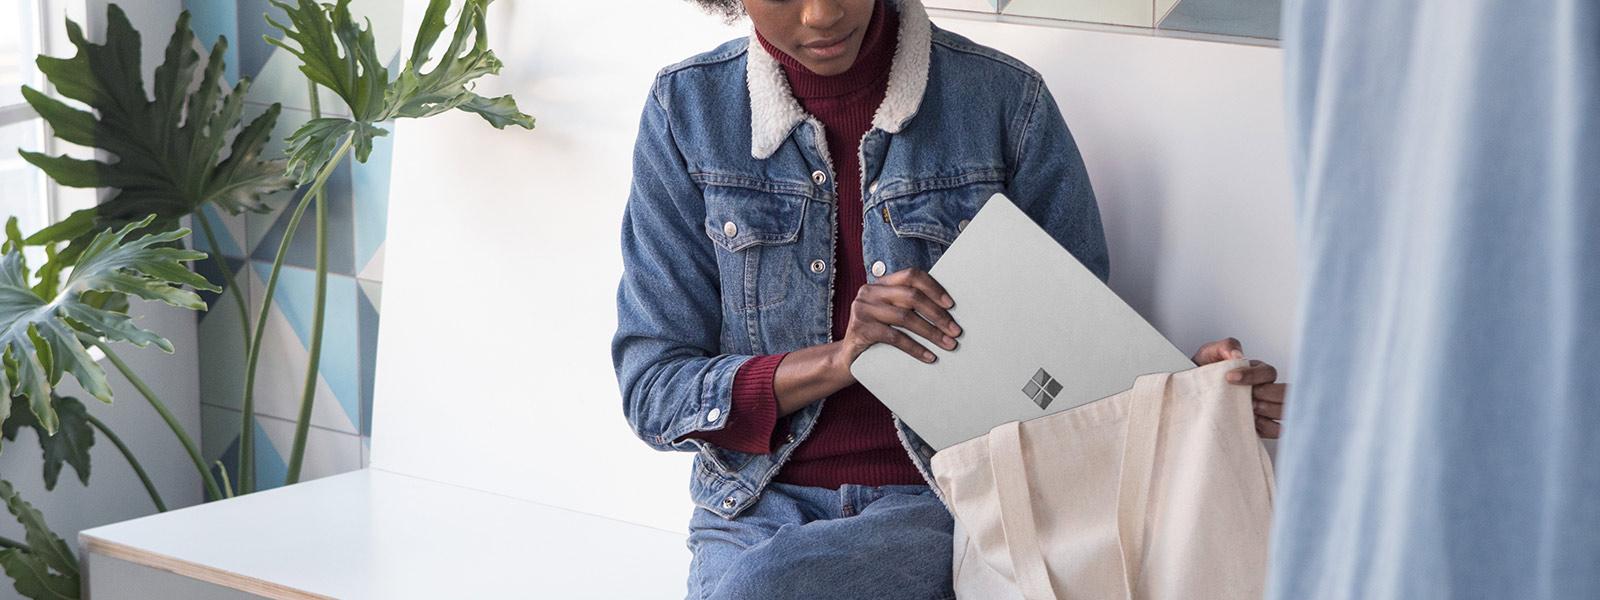 Imagem de uma estudante a guardar o Surface L na mala.